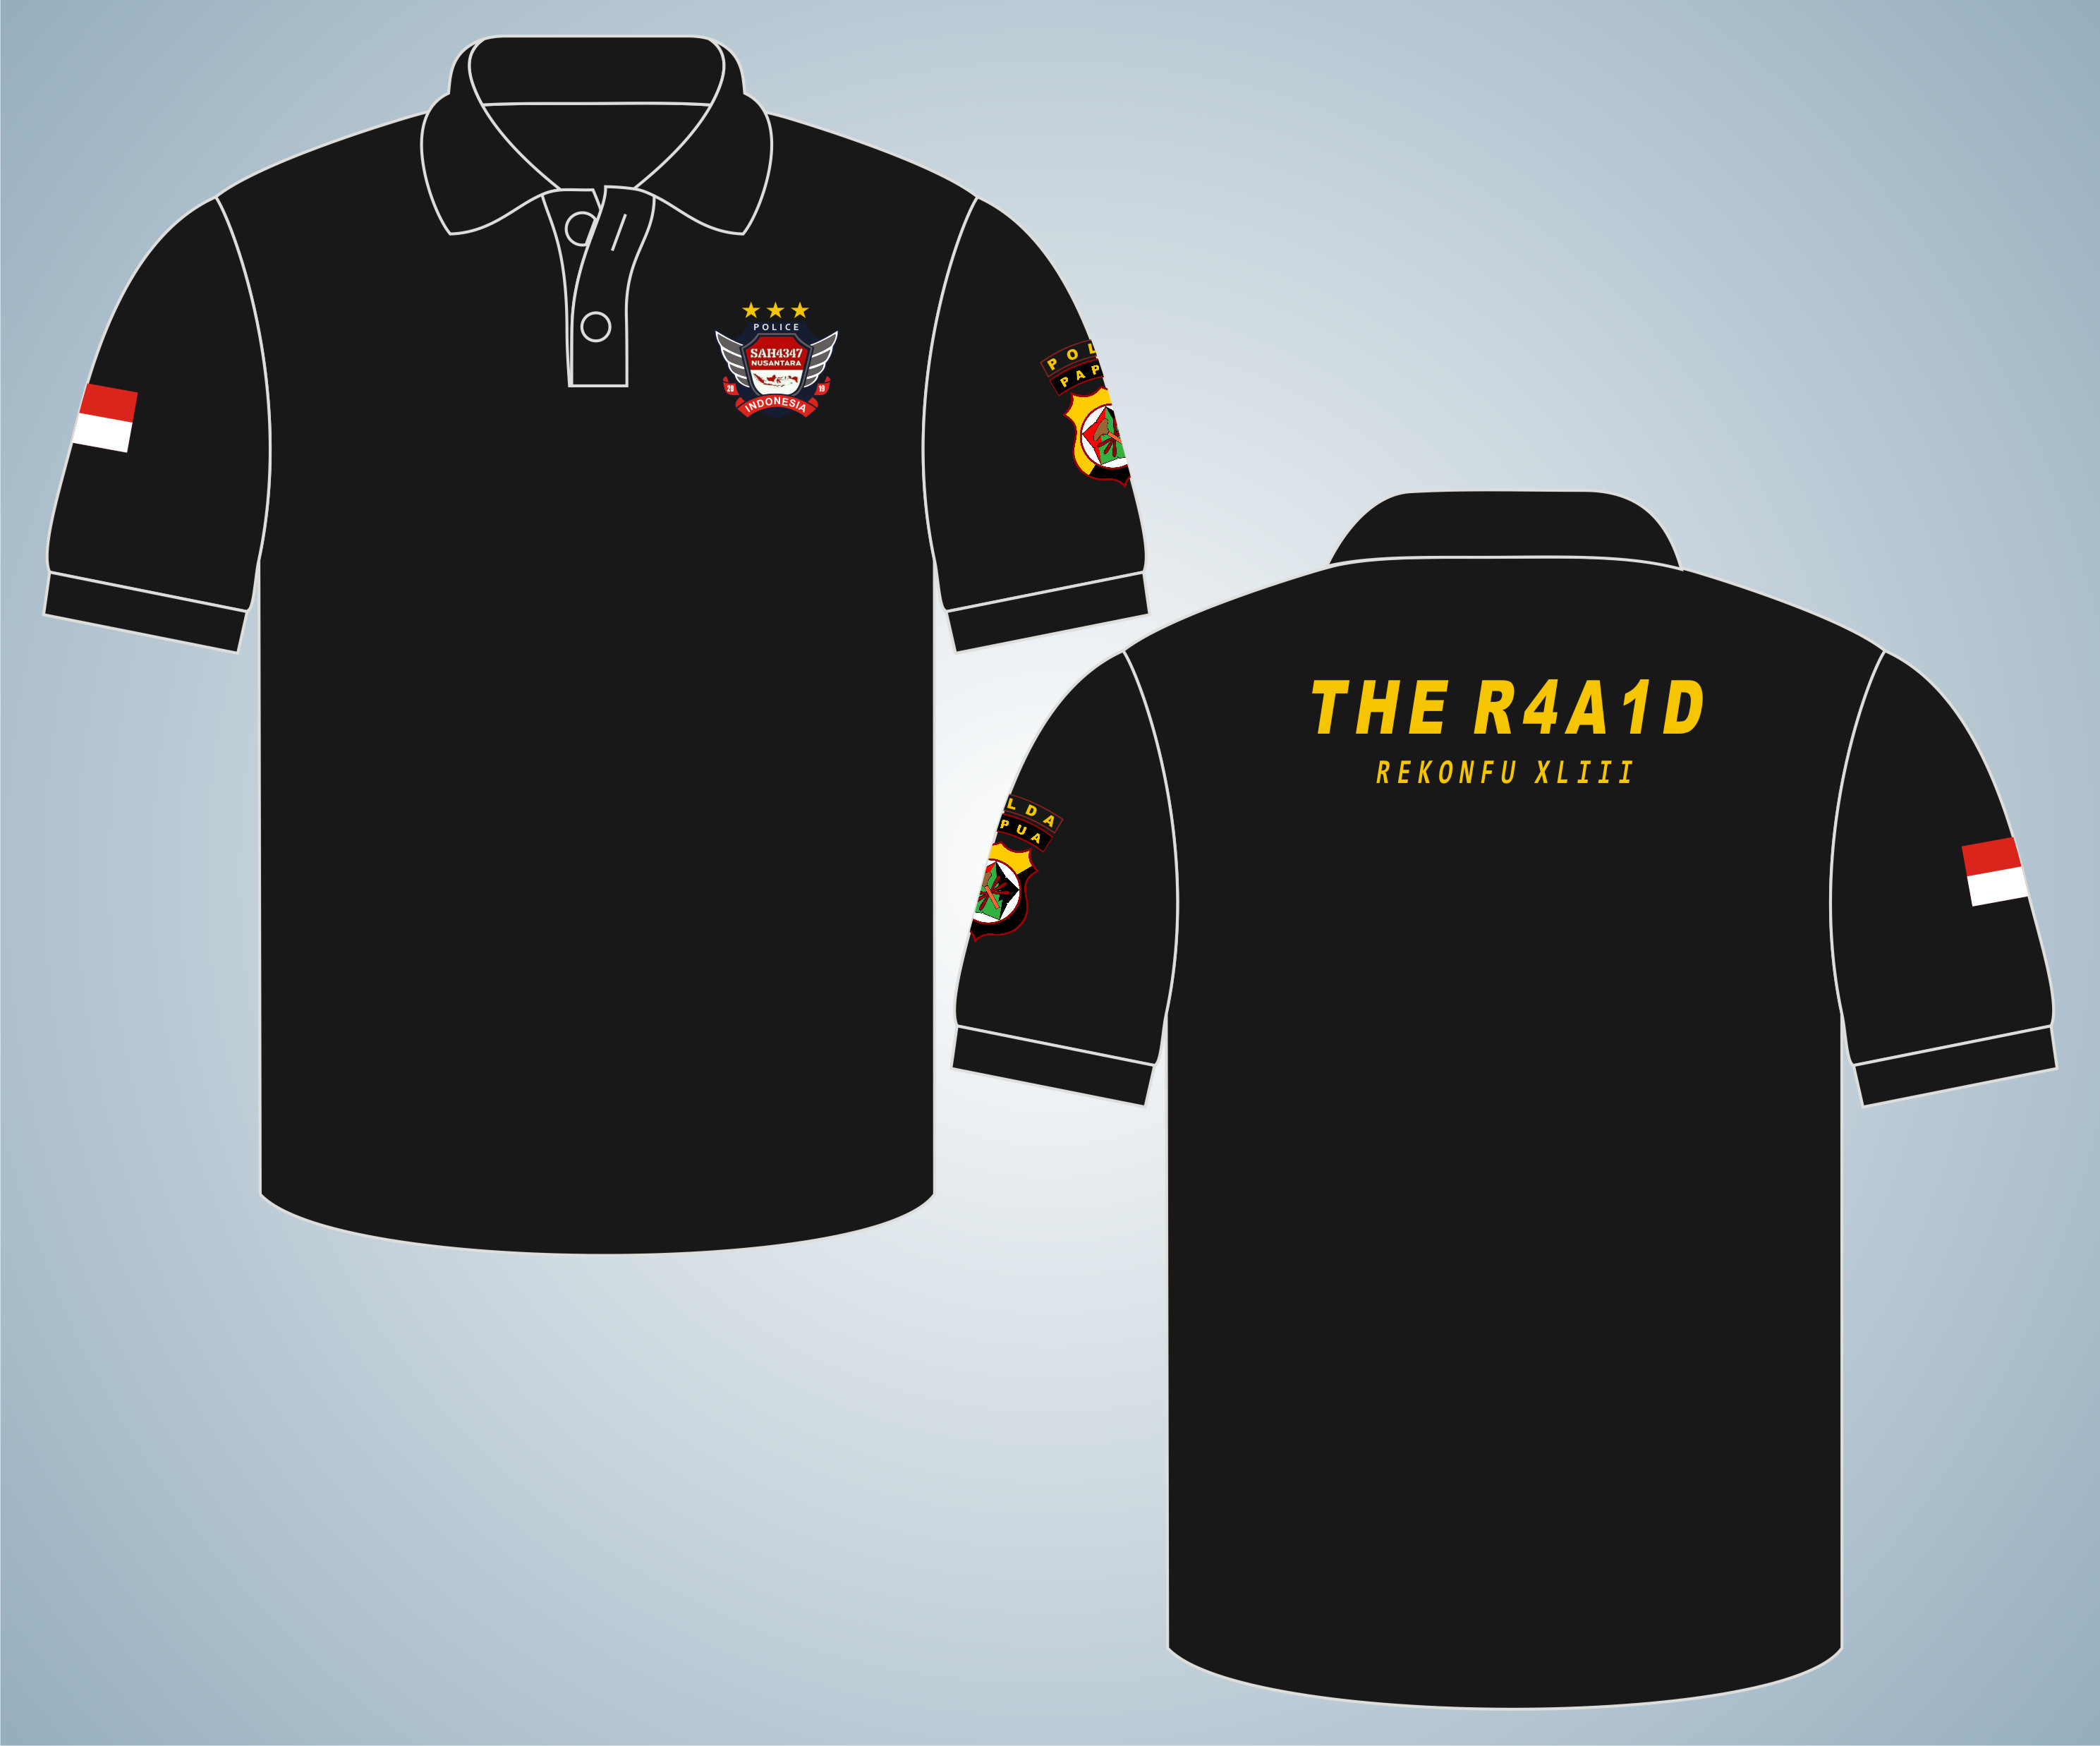 Poloshirt THE R4A1D, Seragam Kaos Kerah